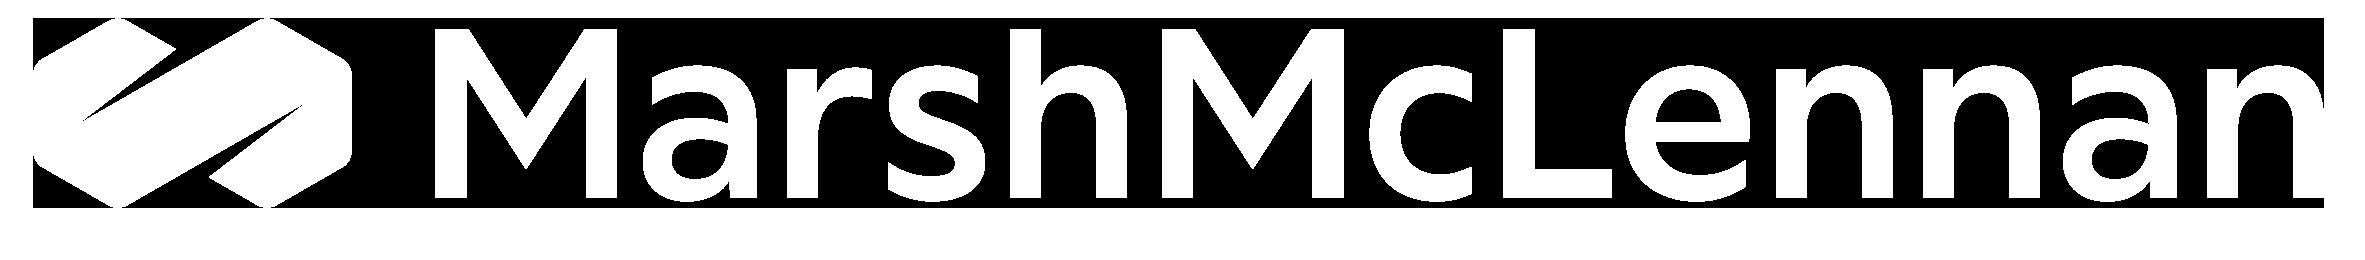 logo de pied de page<br/>